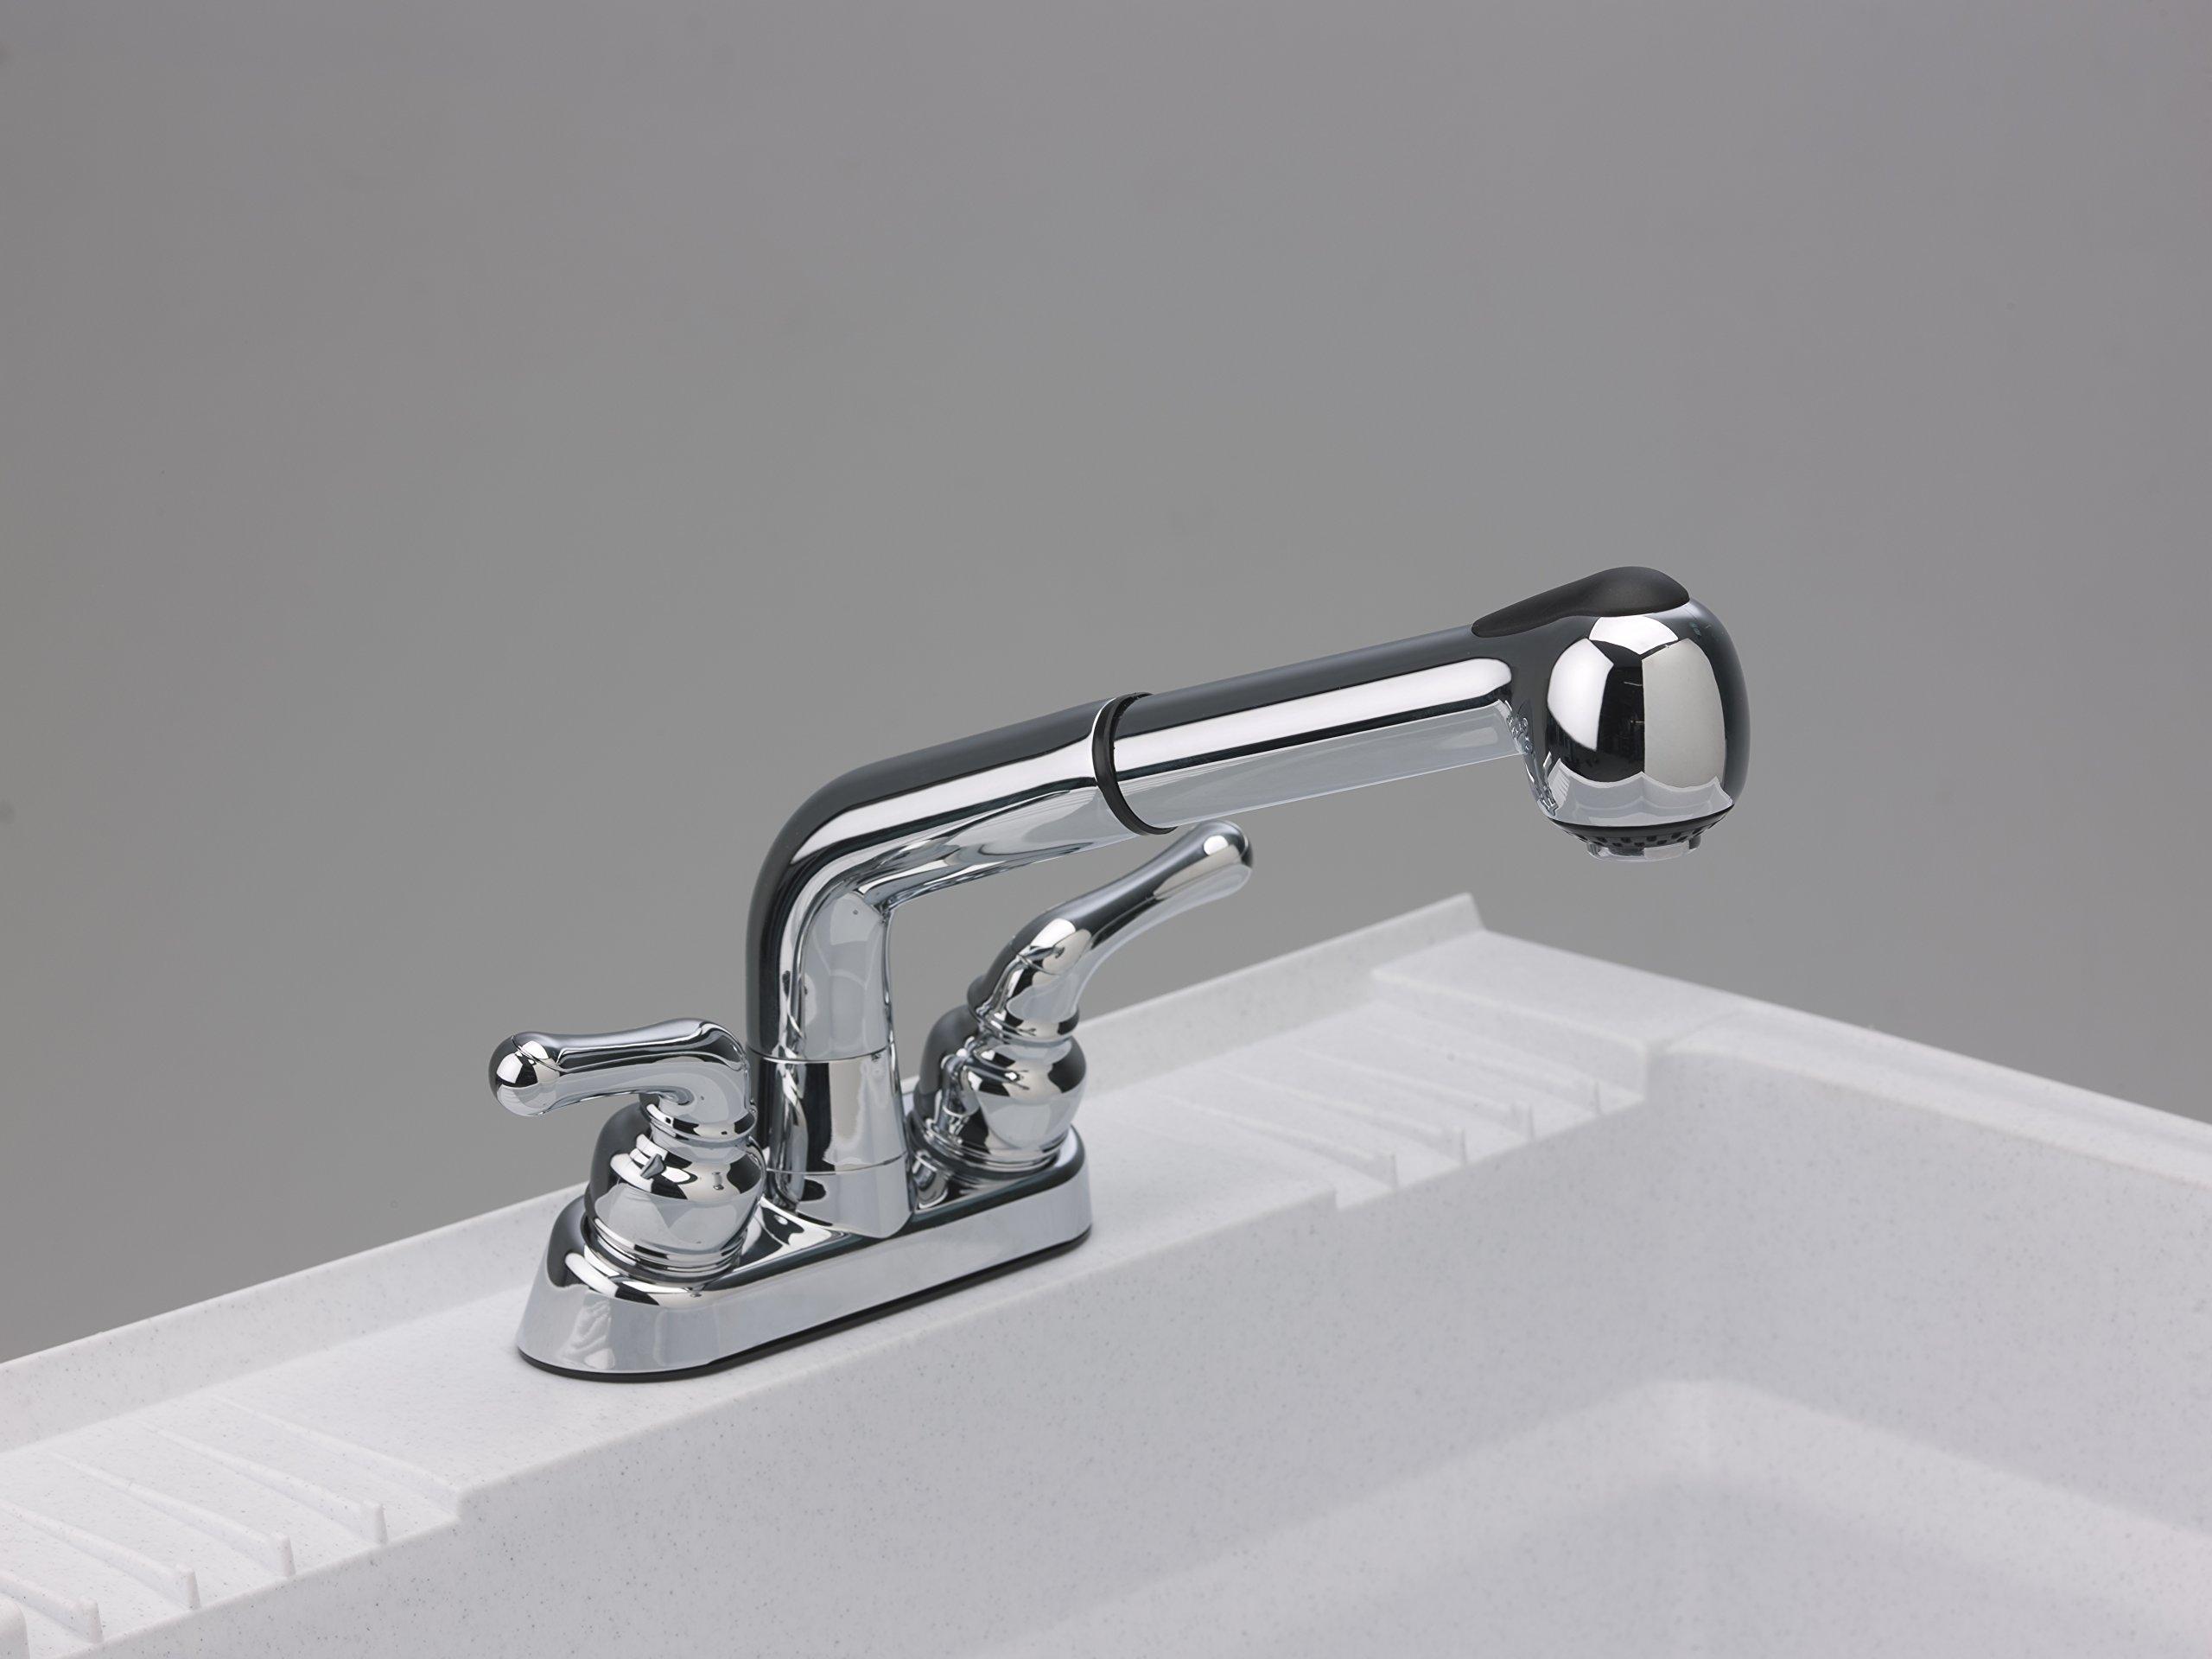 CASHEL 1960-32-02 Heavy Duty Sink - Fully Loaded Sink Kit, Granite by Cashel (Image #5)